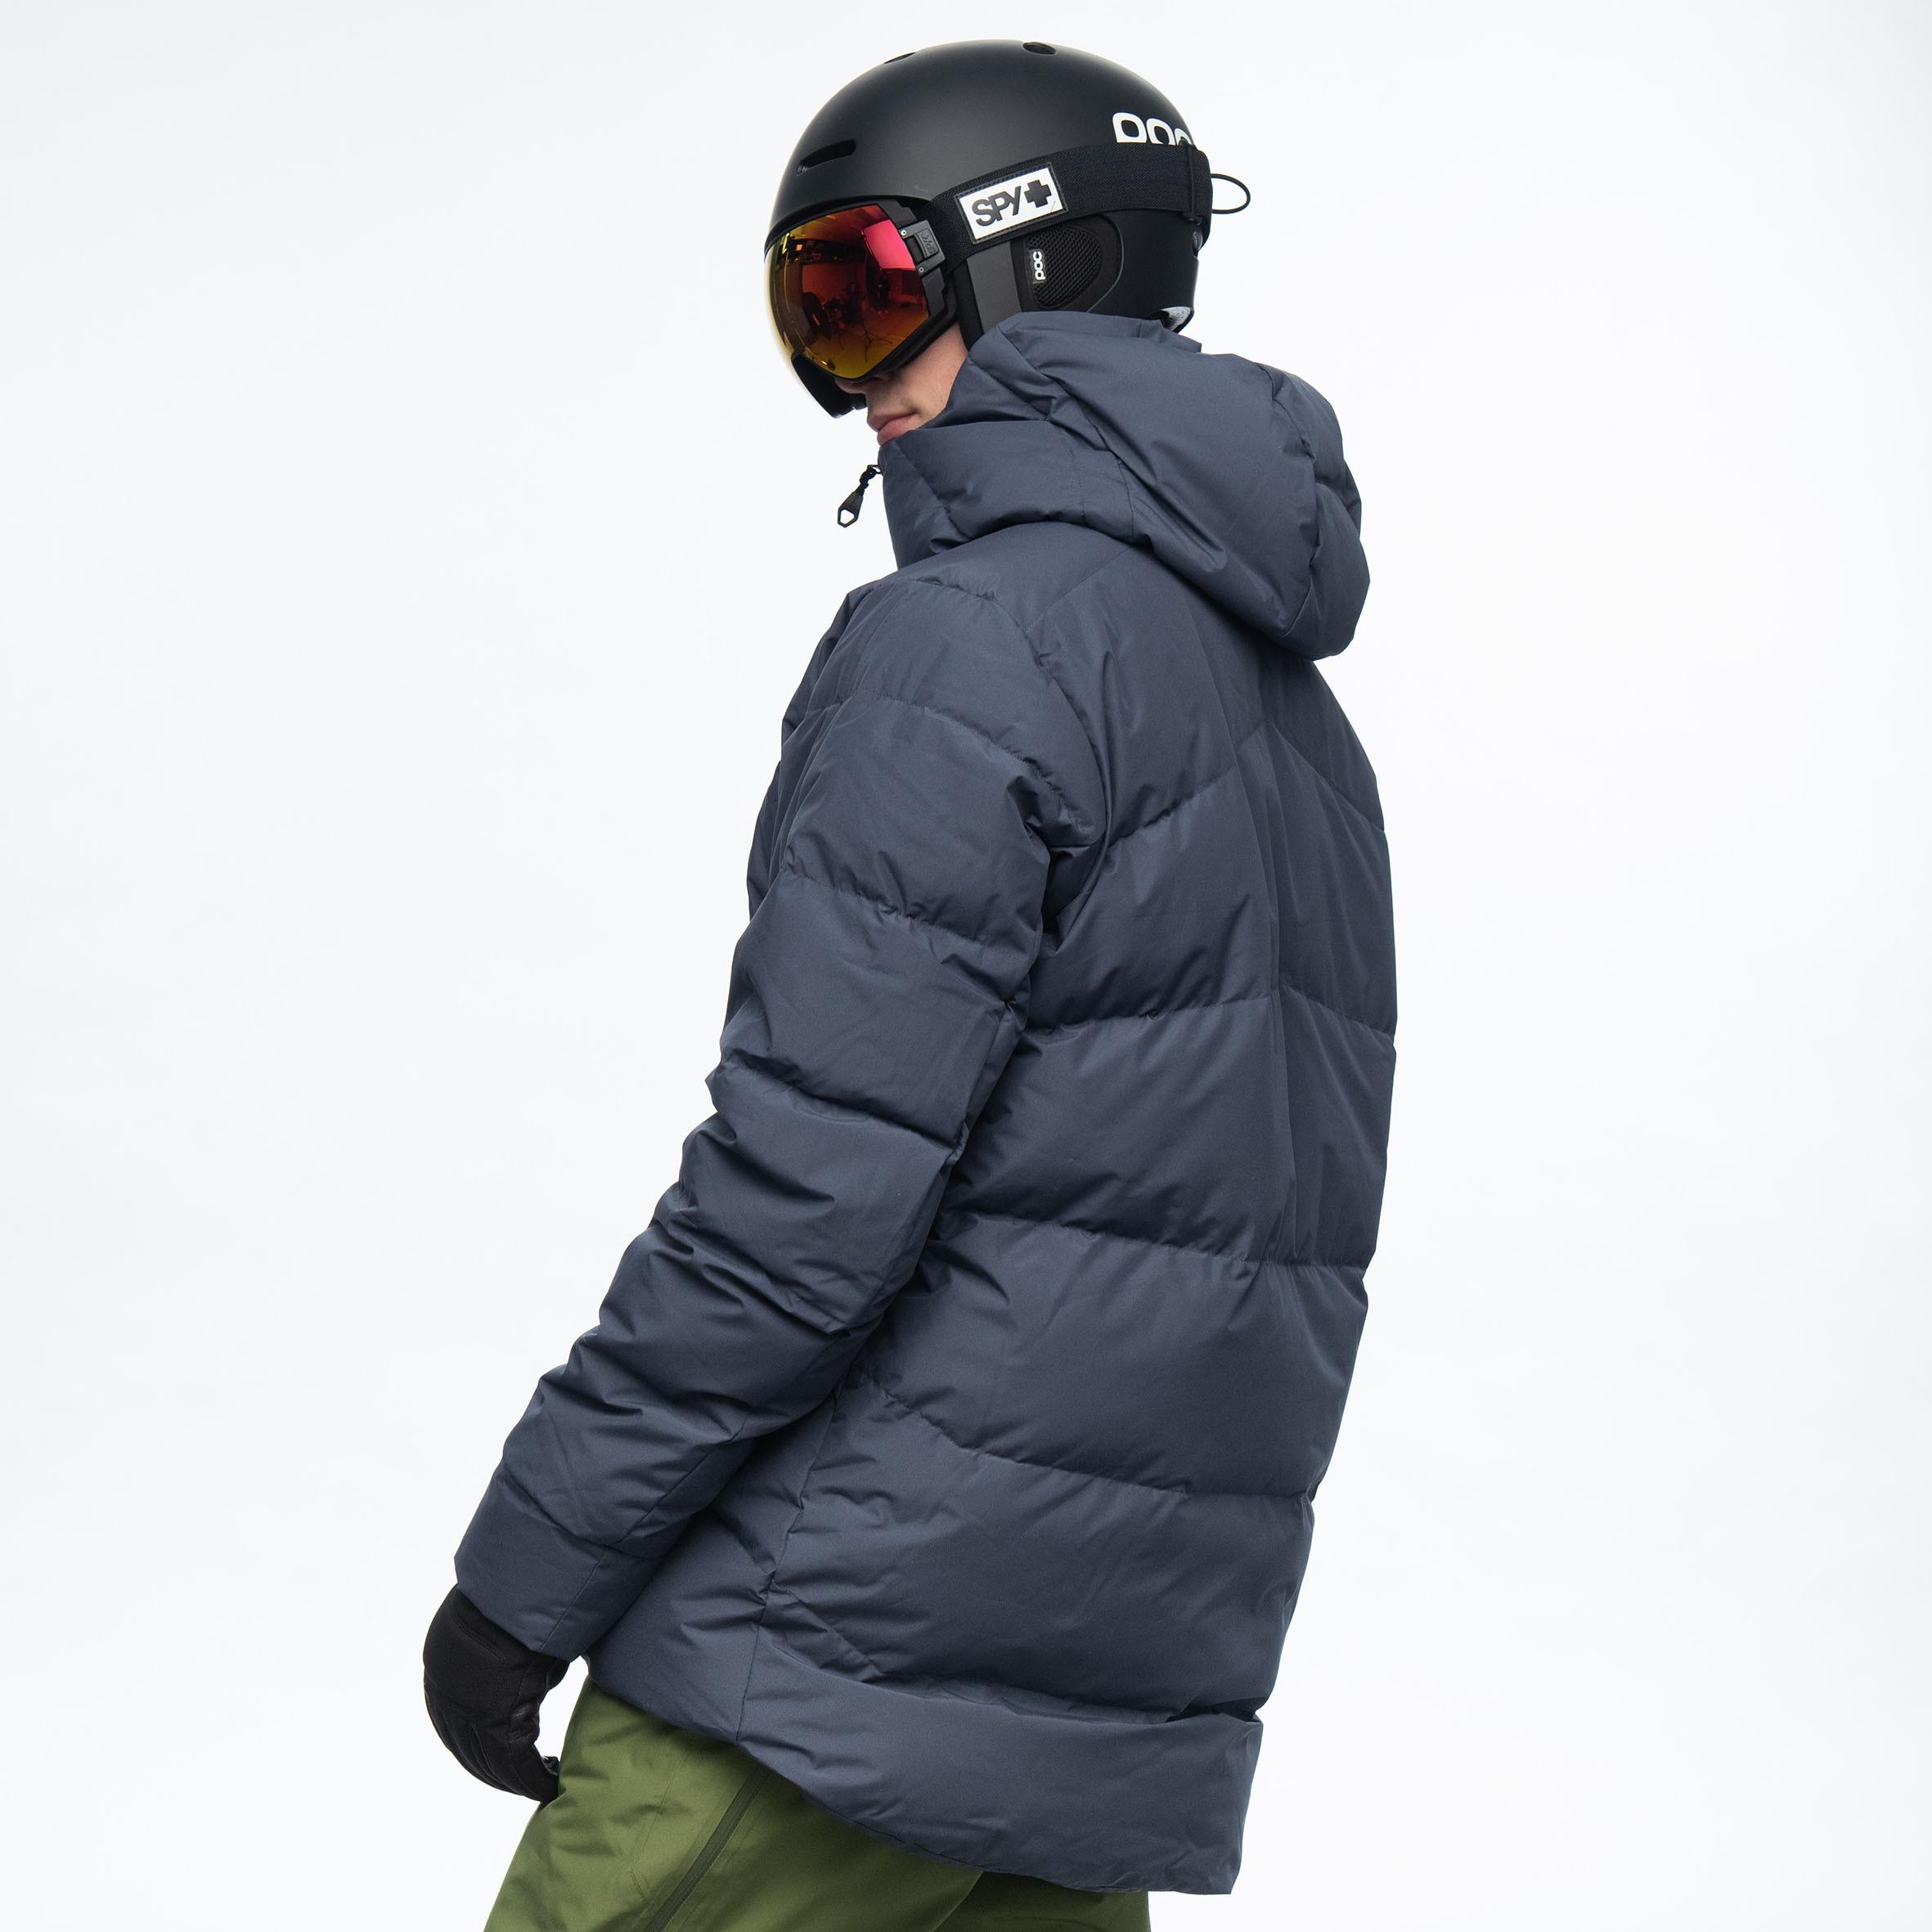 Stranda V2 Down Jacket